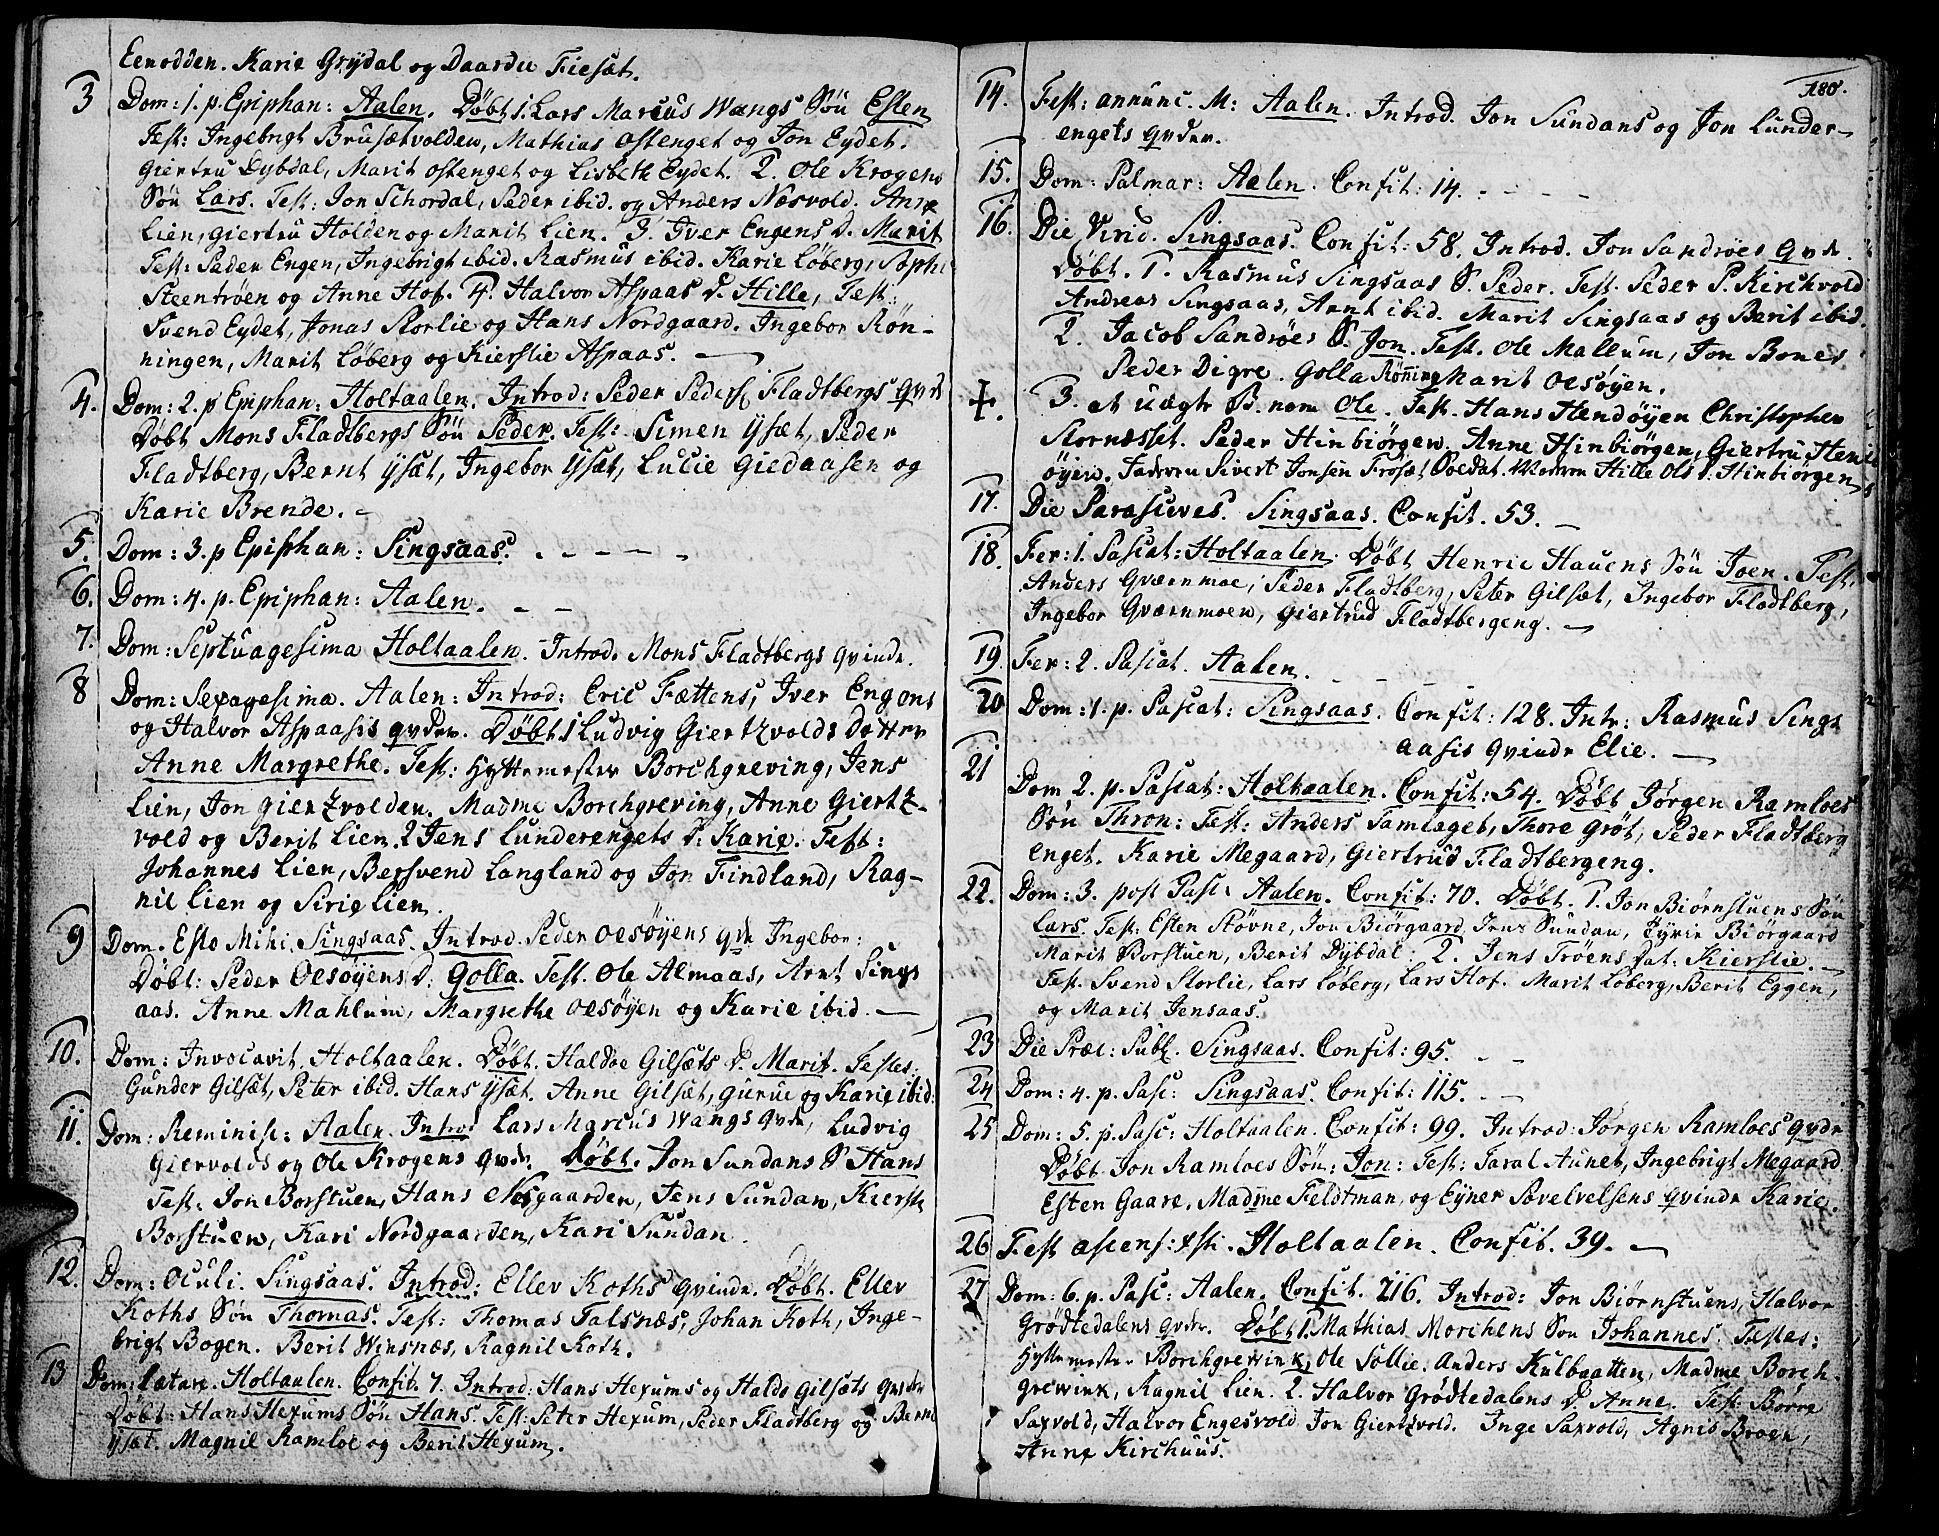 SAT, Ministerialprotokoller, klokkerbøker og fødselsregistre - Sør-Trøndelag, 685/L0952: Ministerialbok nr. 685A01, 1745-1804, s. 180